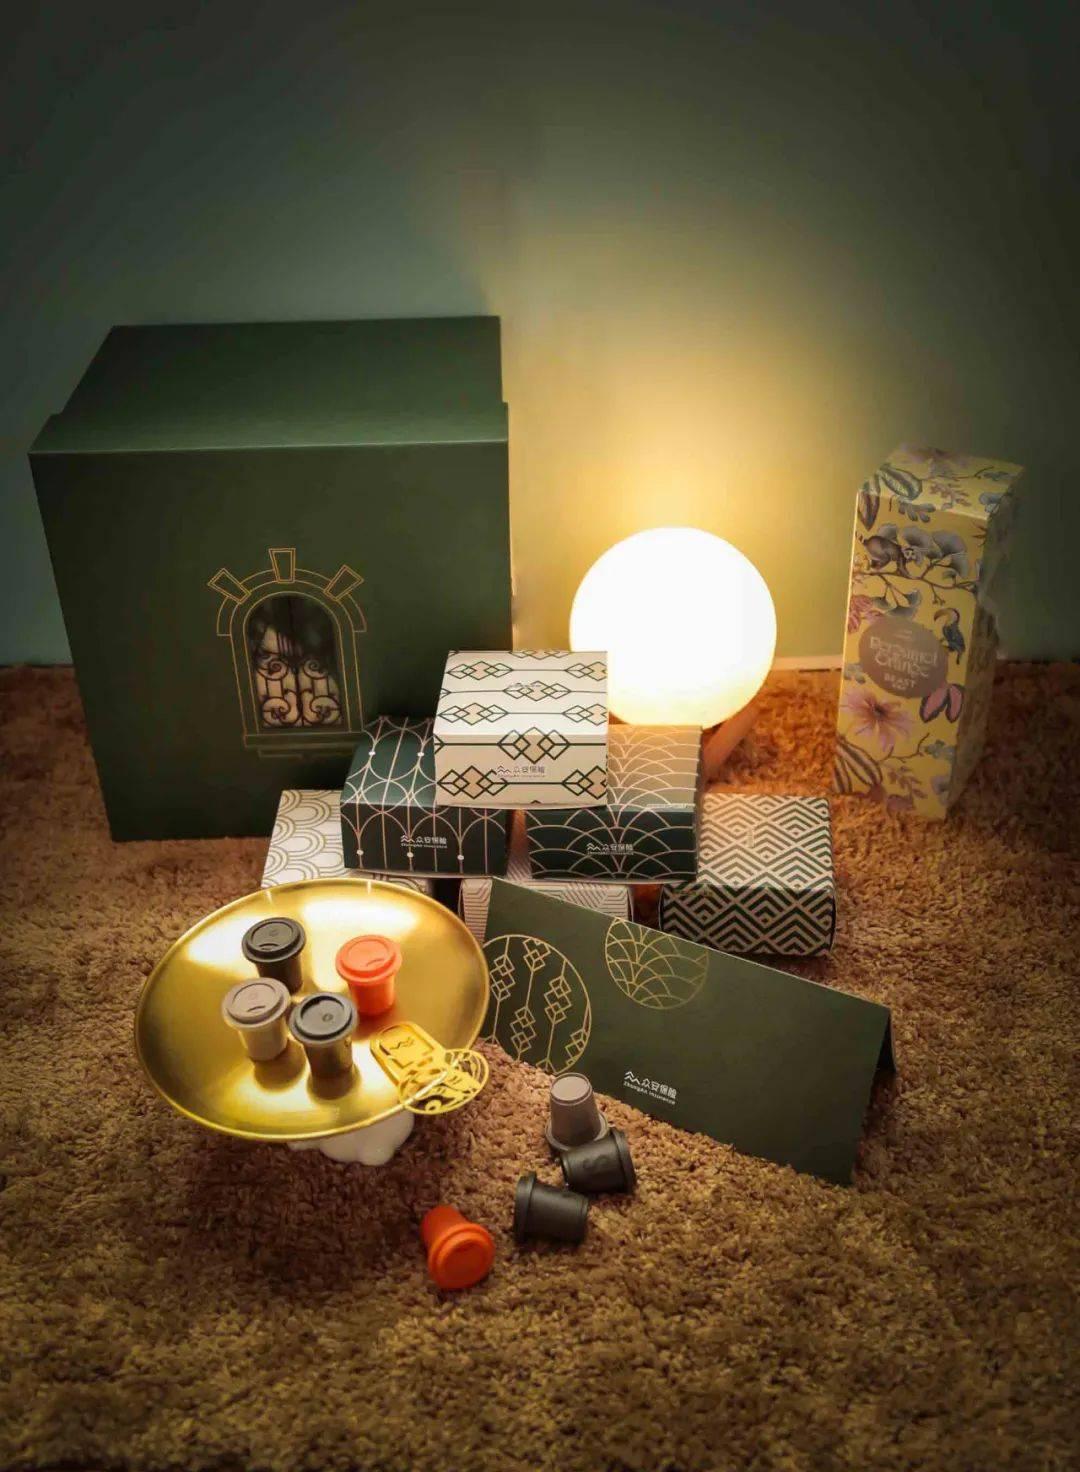 鸟哥笔记,广告创意,万能的大叔,美食,美食,包装设计,品牌,节日